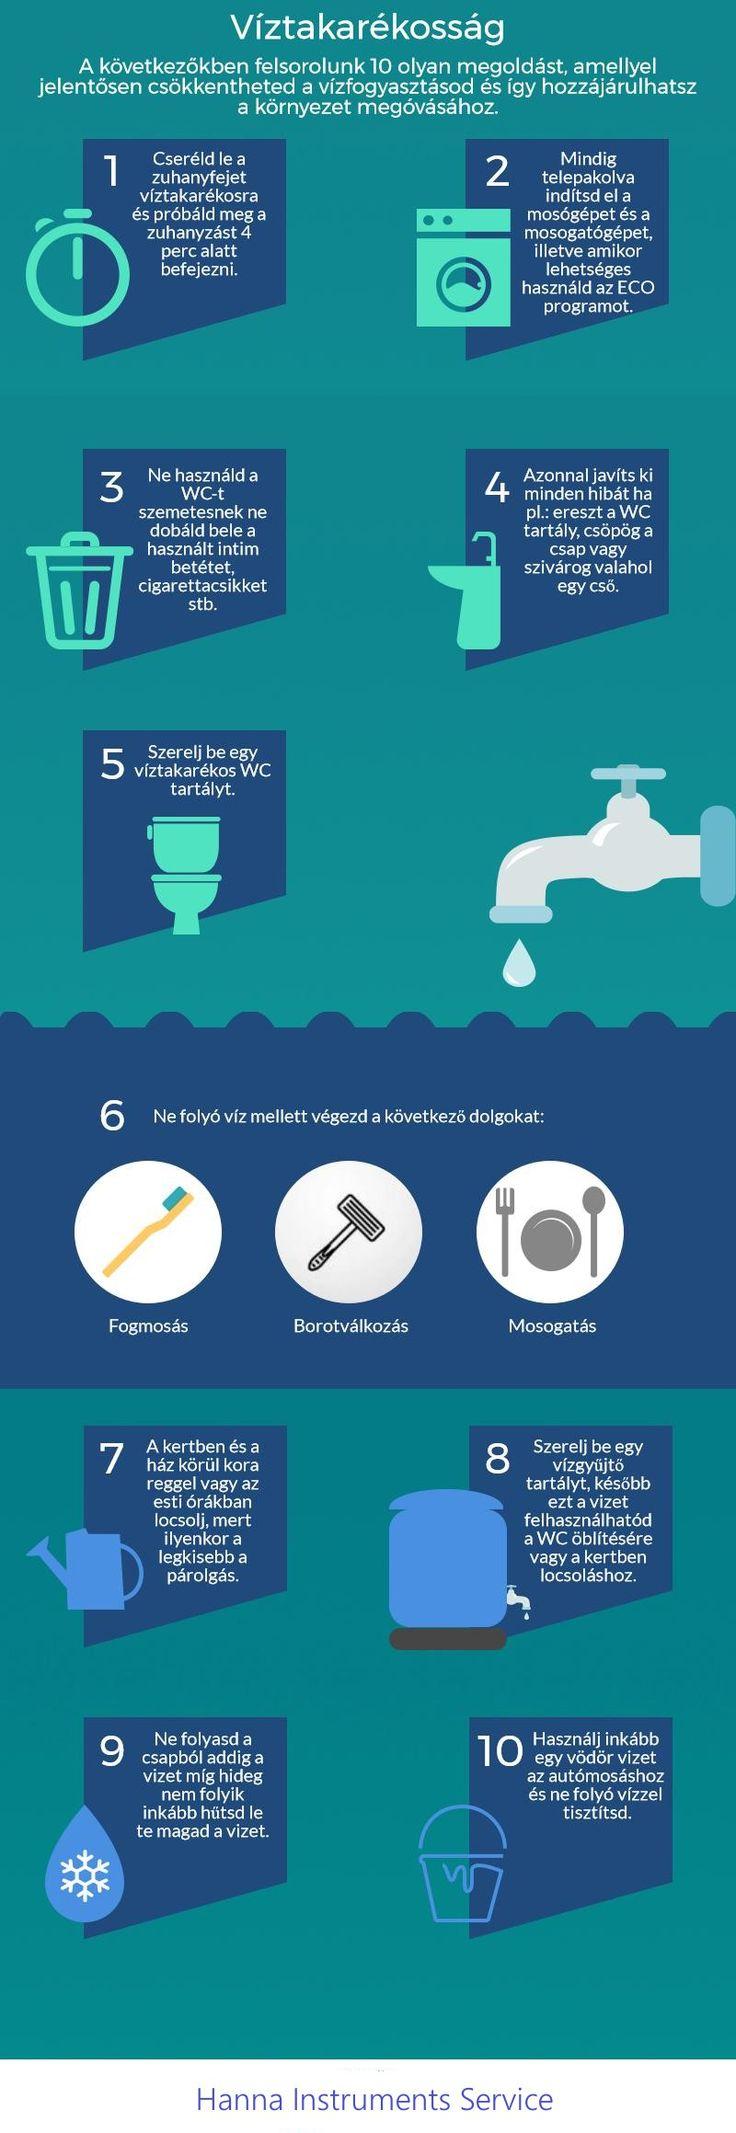 A környezet megóvása érdekében manapság már igen fontos a víztakarékosság is. Hisz mind tudjuk, hogy a Föld édesvíz készletei nem végtelenek és felelősen kell velük gazdálkodnunk. Ezért össze szedtünk 10 tippet hogyan tudsz Te is egy kicsit takarékosabban bánni a vízzel.